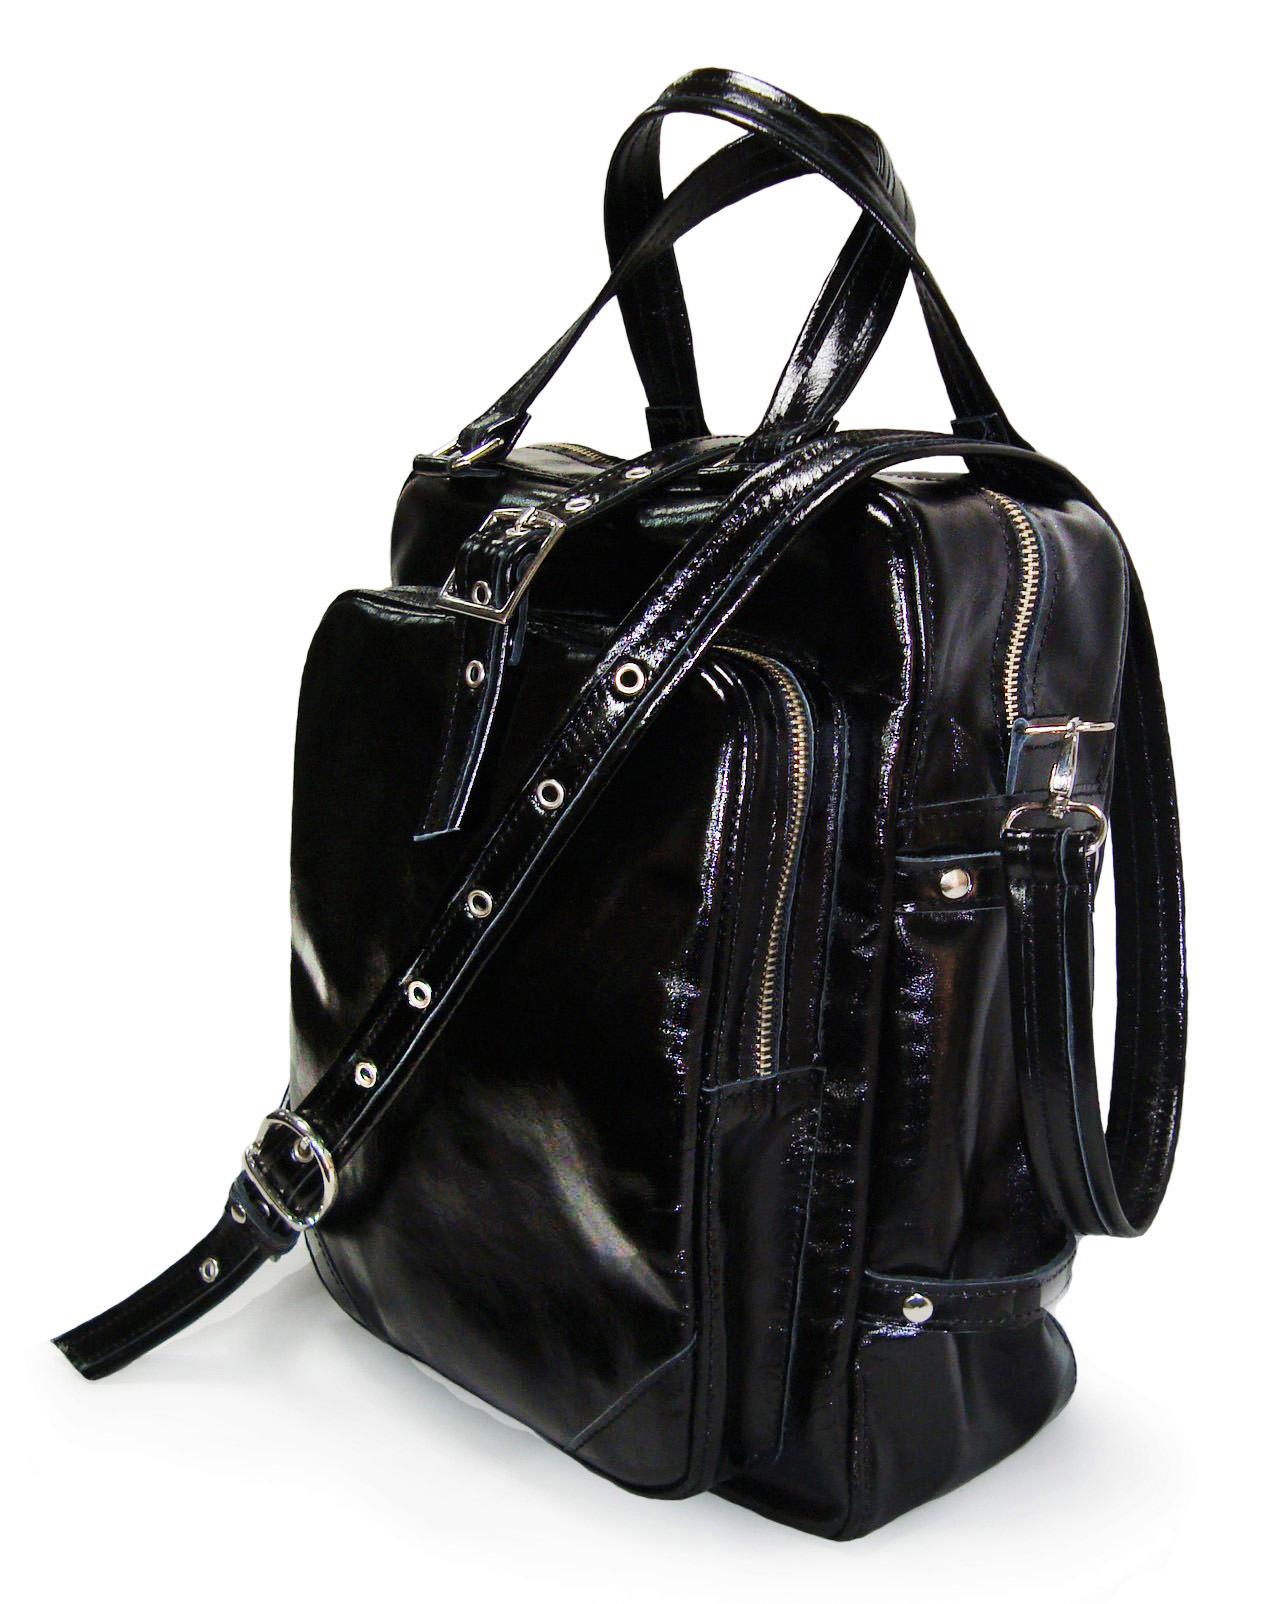 Муж. сумка  Модель № 7-2  - Прочий текстиль артикул: 21942